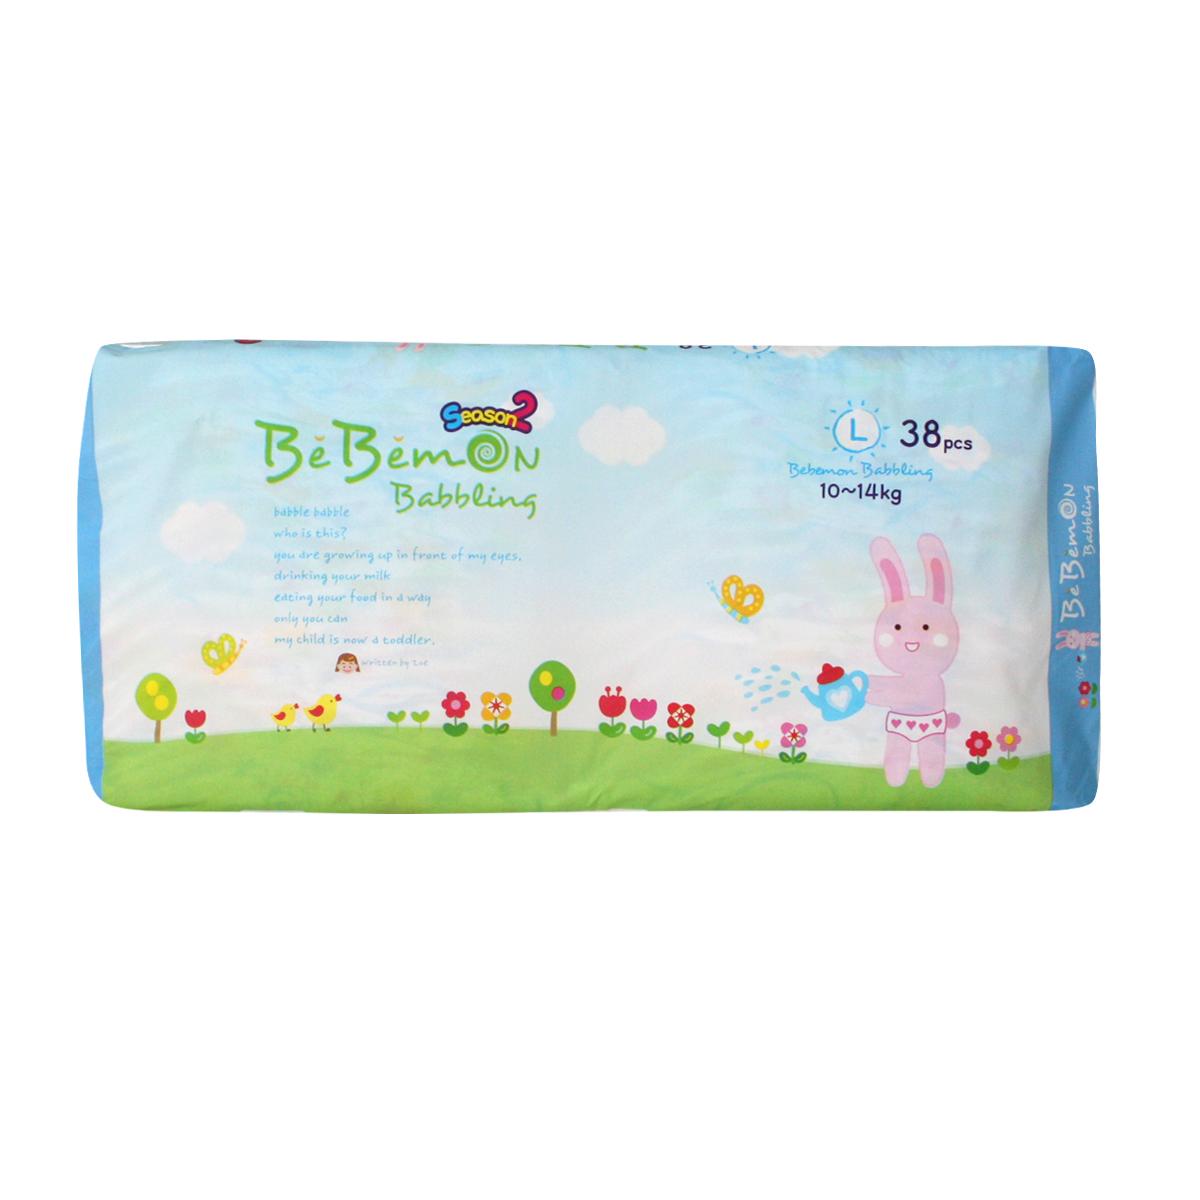 Bebemon Подгузники детские Band 10-14 кг размер L 38 шт00-00001Подгузники Bebemon тонкие и удобные для ежедневного использования малышом! Особенности обновленной линии подгузников Bebemon: *МЯГКАЯ ТЕКСТУРА: специально созданное нетканое полотно с 3-D текстурой увеличивает количество кислорода во внутреннем слое, а также уменьшает площадь соприкосновения ткани с кожей малыша, что позволяет уменьшить раздражение кожи. *ПЛОТНО ПРИЛЕГАЕТ: ещё более длинный защитный край плотно прилегает к ножкам, обеспечивая ещё большую защиту от протекания. *НЕ СКОВЫВАЕТ ДВИЖЕНИЙ: мягкий пояс-резинка на поясе удобен для самого активного малыша. *БЫСТРО ВПИТЫВАЕТ: особый впитывающий слой Airthrough быстро впитывает влагу, оставляя кожу малыша сухой и здоровой. *МЯГКАЯ СИСТЕМА ЗАСТЕЖЕК: используемая мягкая ткань защищает нежную кожу малыша от трения. *УДОБНЫЙ ИНДИКАТОР: индикатор влаги позволит быстро определить время смены подгузника.